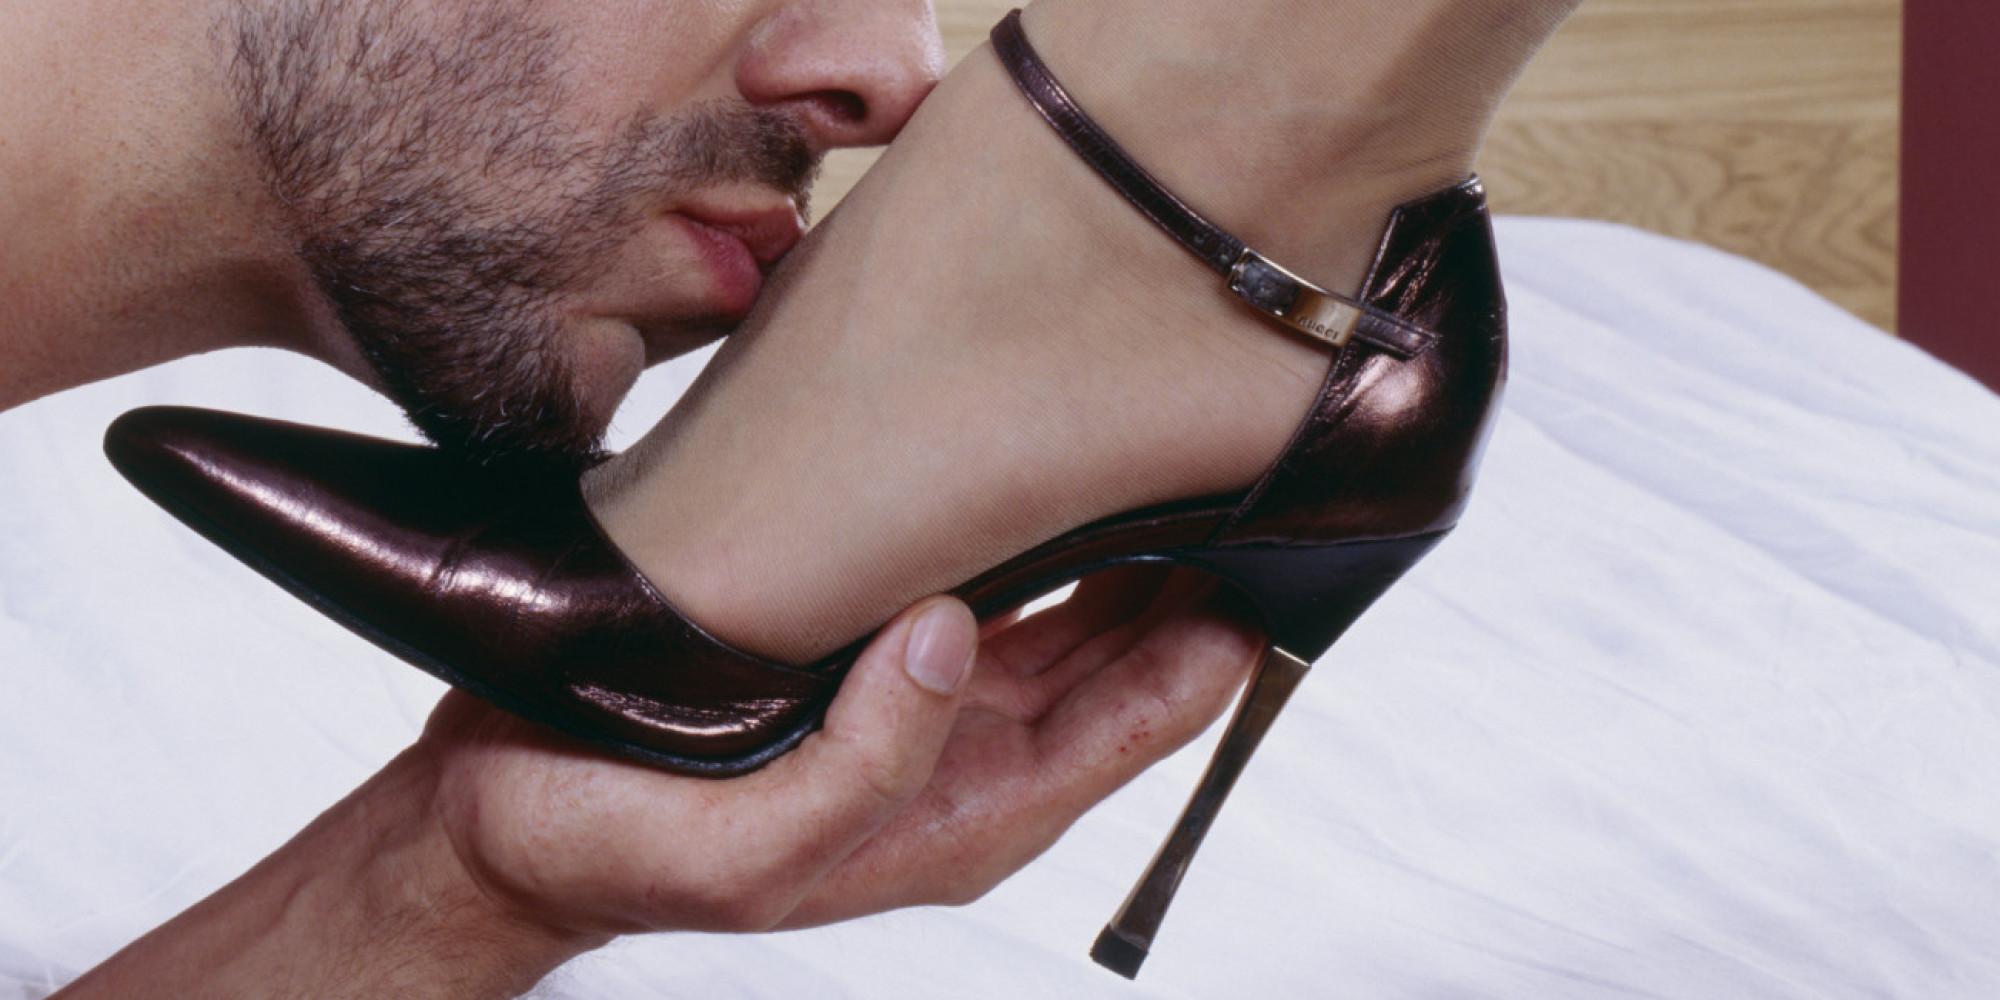 раб лижет обувь и авто госпоже